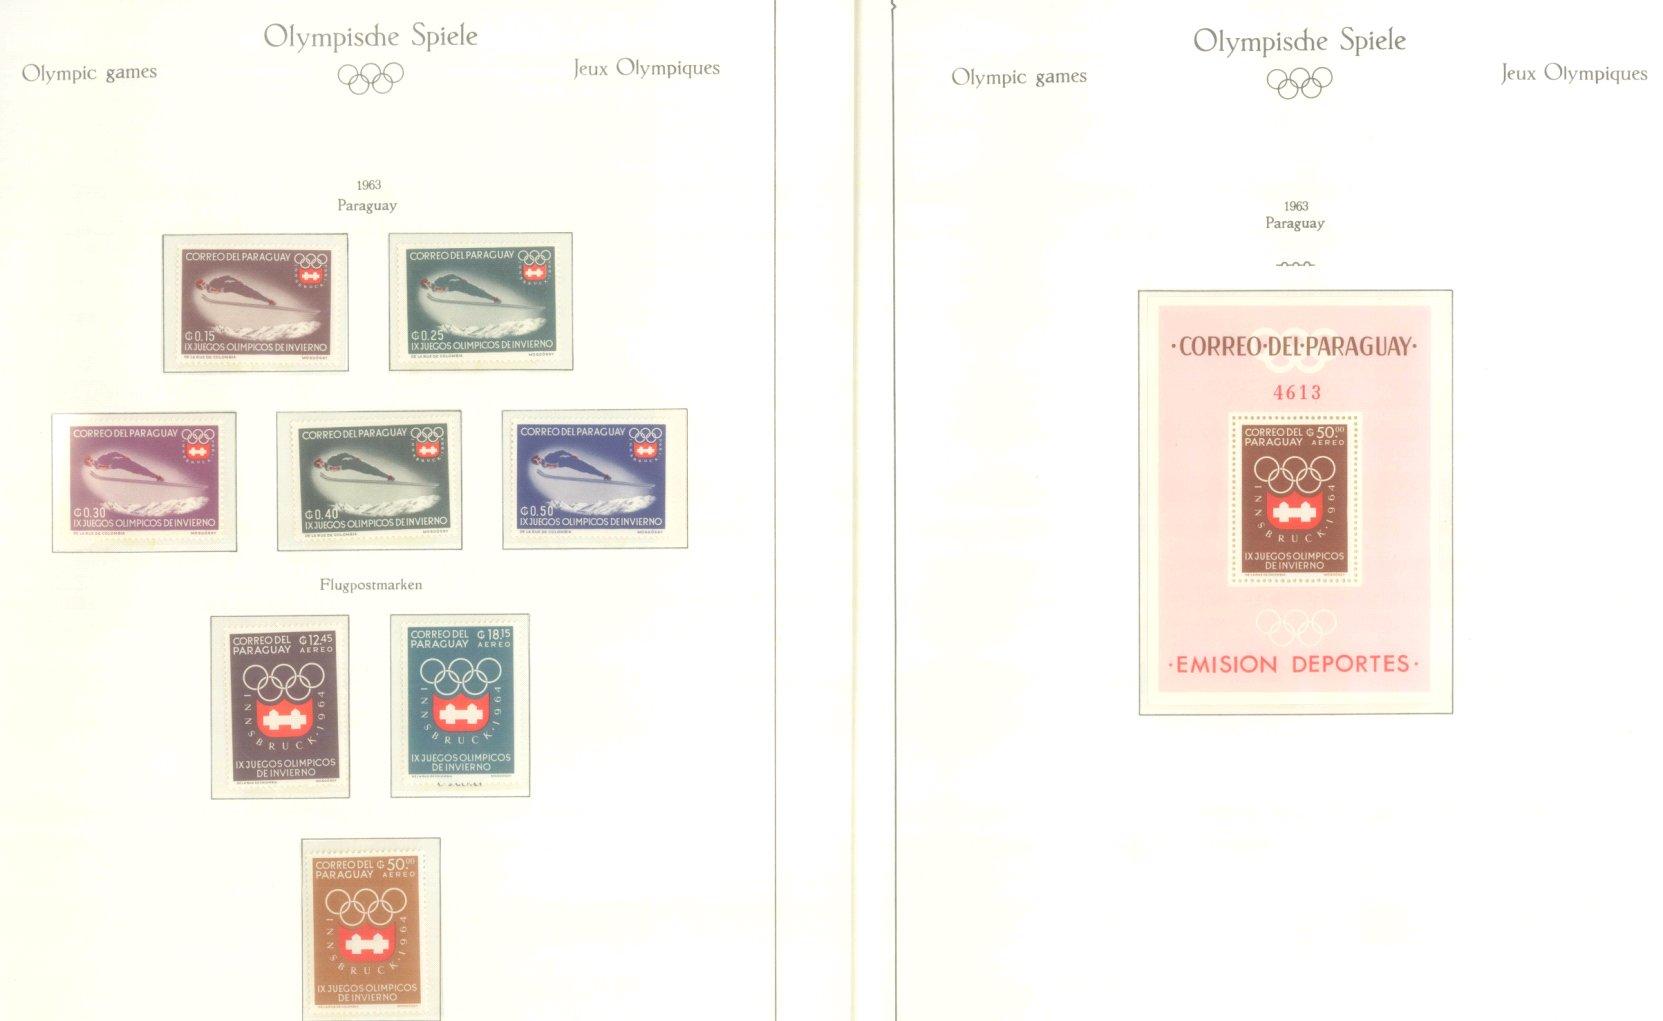 OLYMPISCHE SPIELE 1964 TOKIO, postfrische Sammlung Teil 2-14